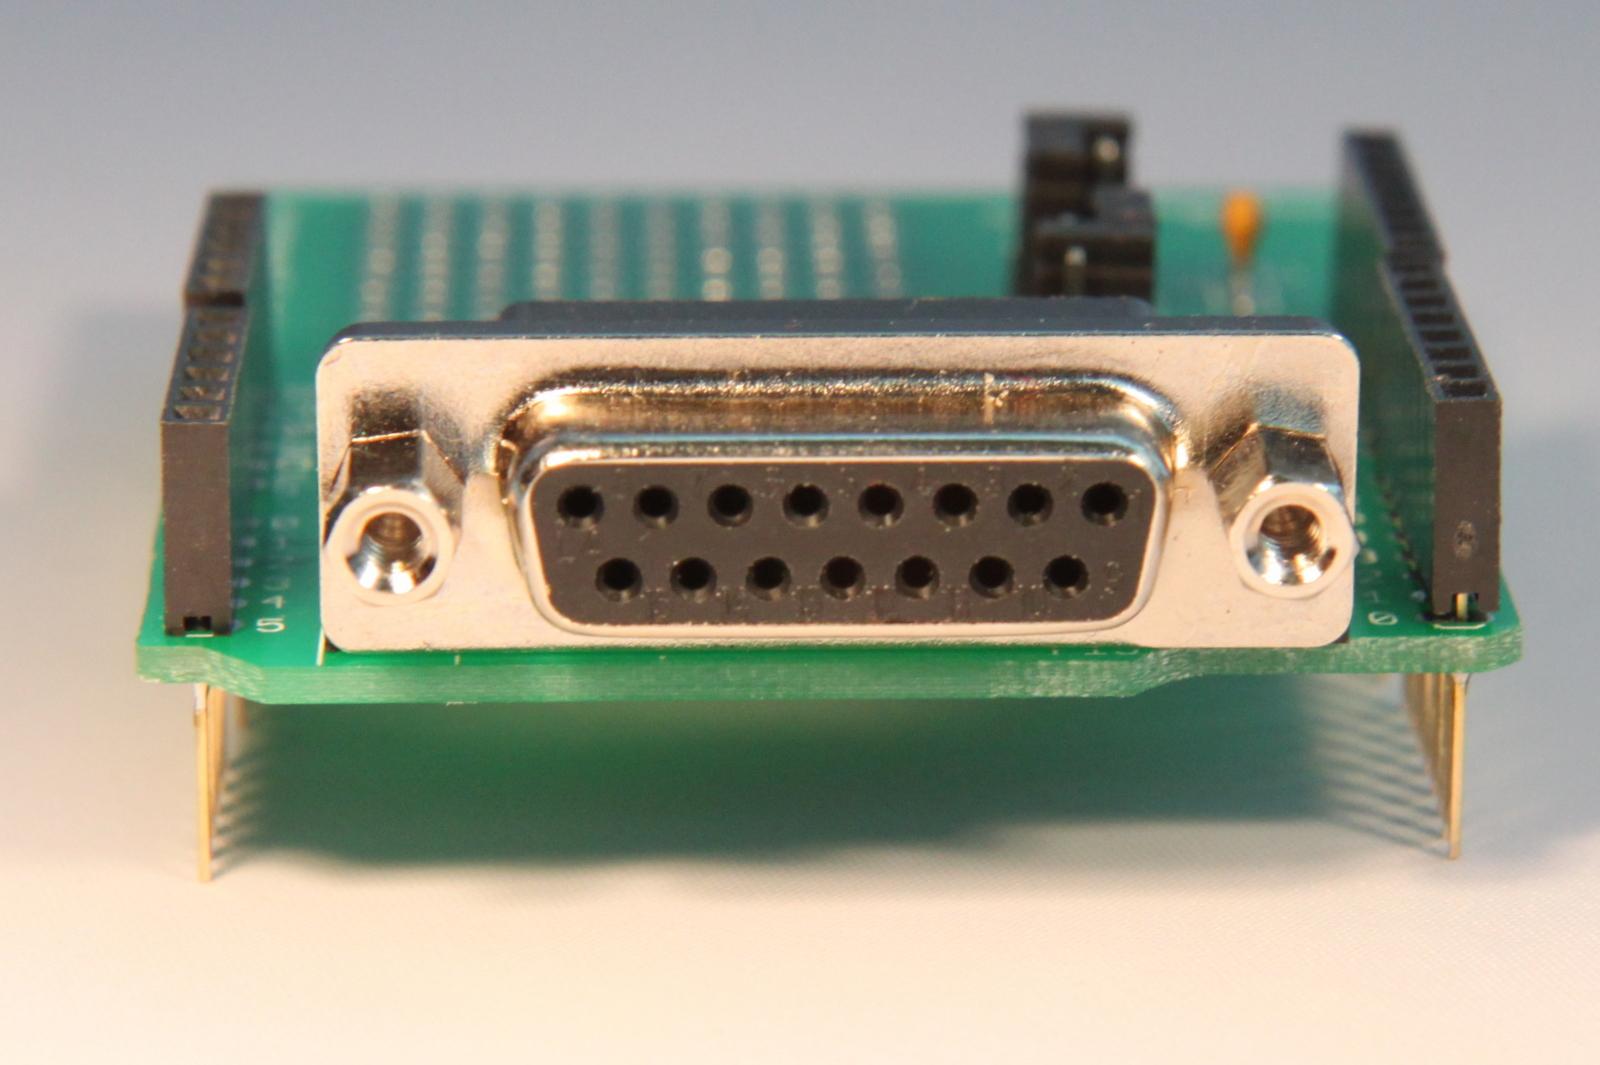 arduino joystick shield for pc game port joysticks rh lectrobox com